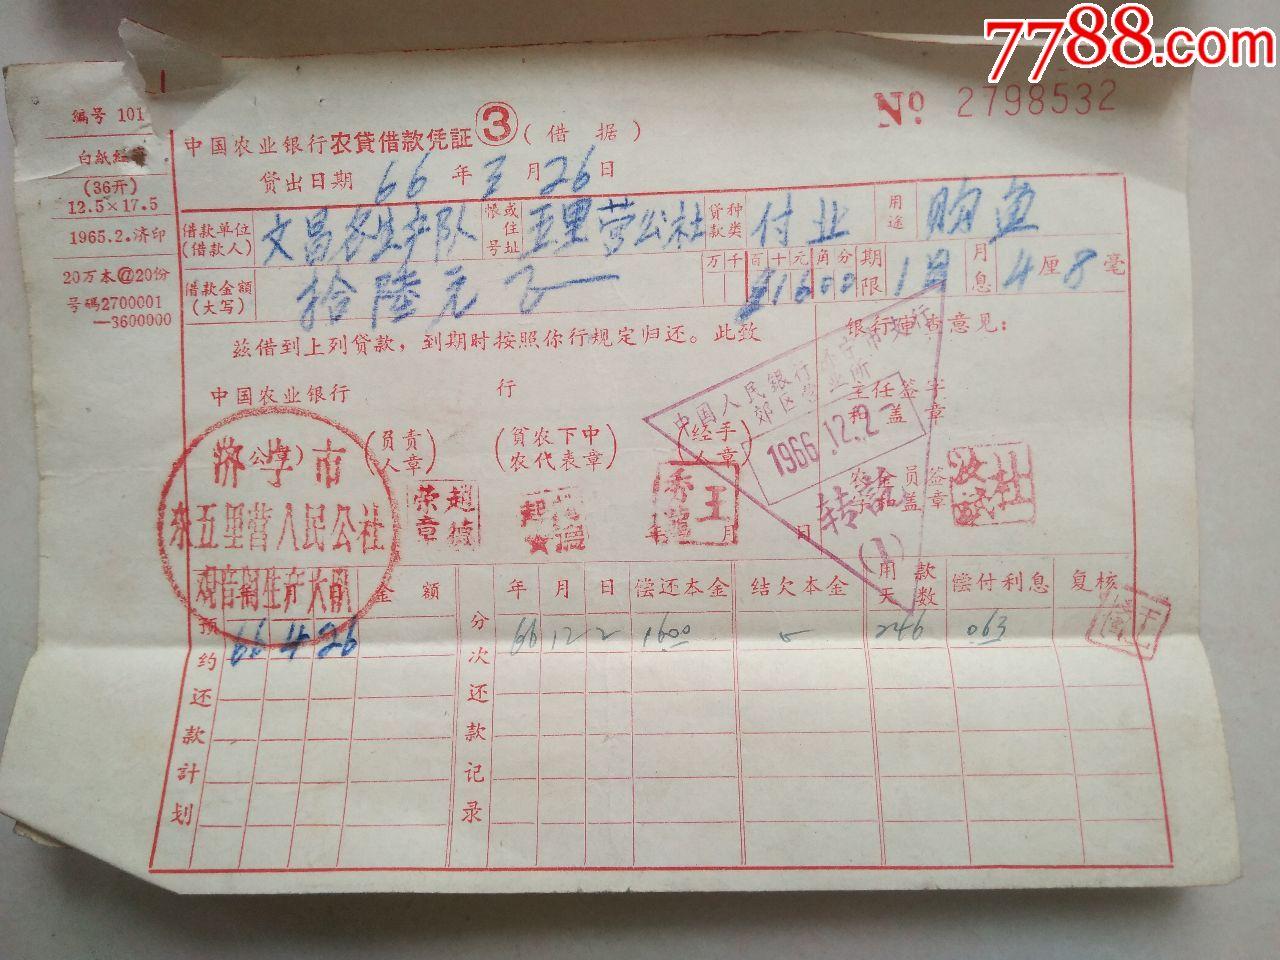 1966年中国农业银行农贷借款凭证2张合售(济